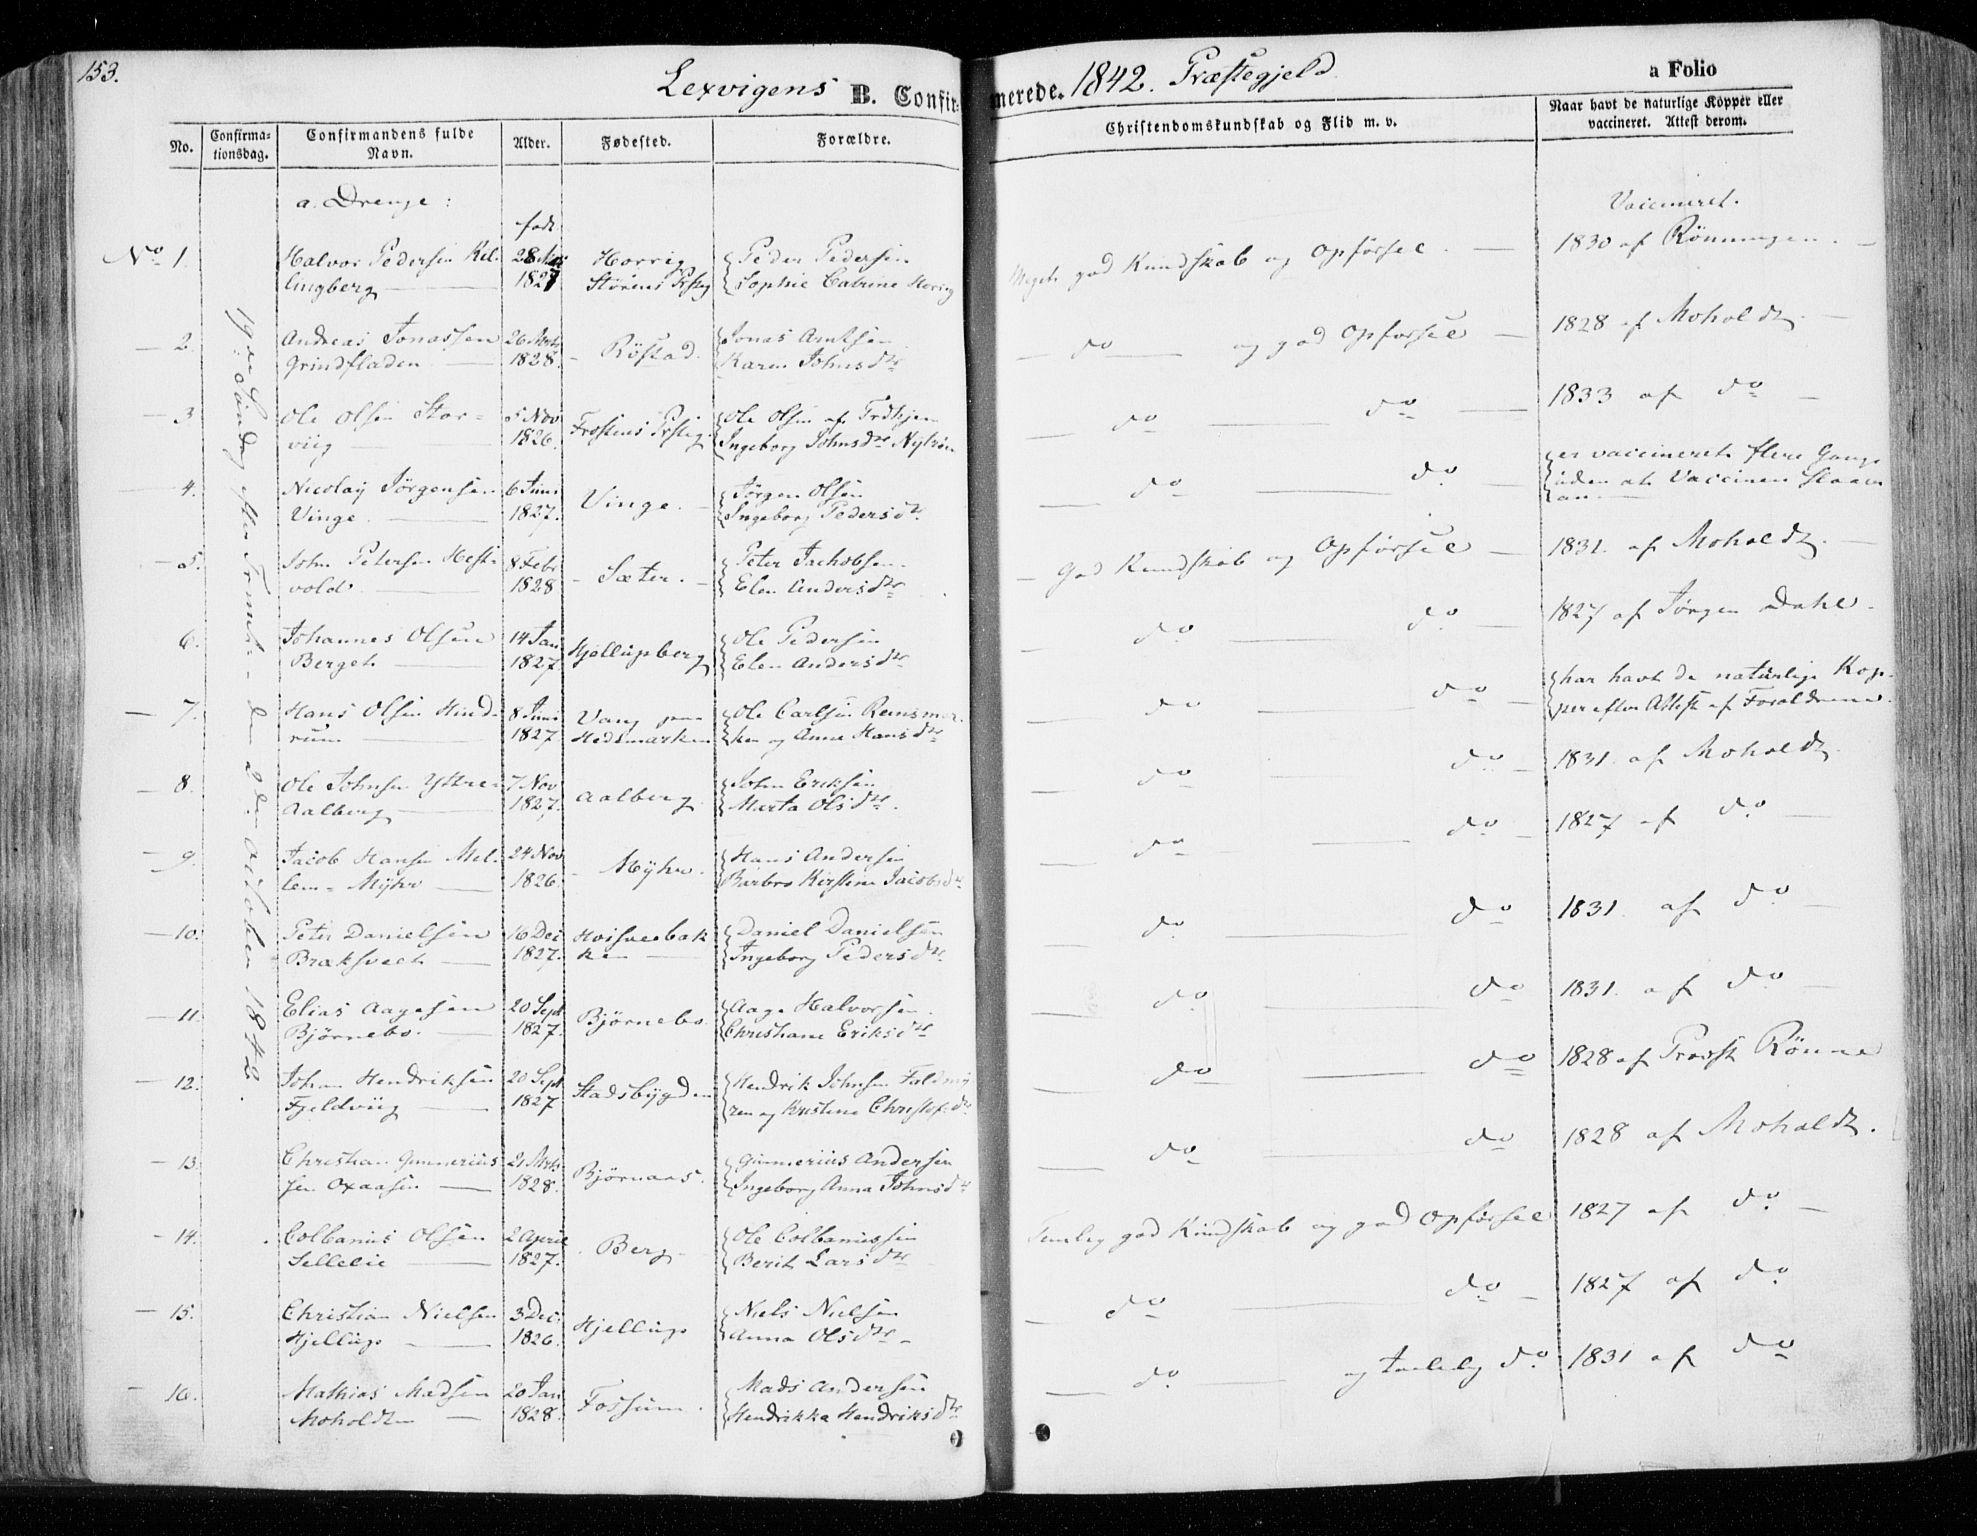 SAT, Ministerialprotokoller, klokkerbøker og fødselsregistre - Nord-Trøndelag, 701/L0007: Ministerialbok nr. 701A07 /1, 1842-1854, s. 153